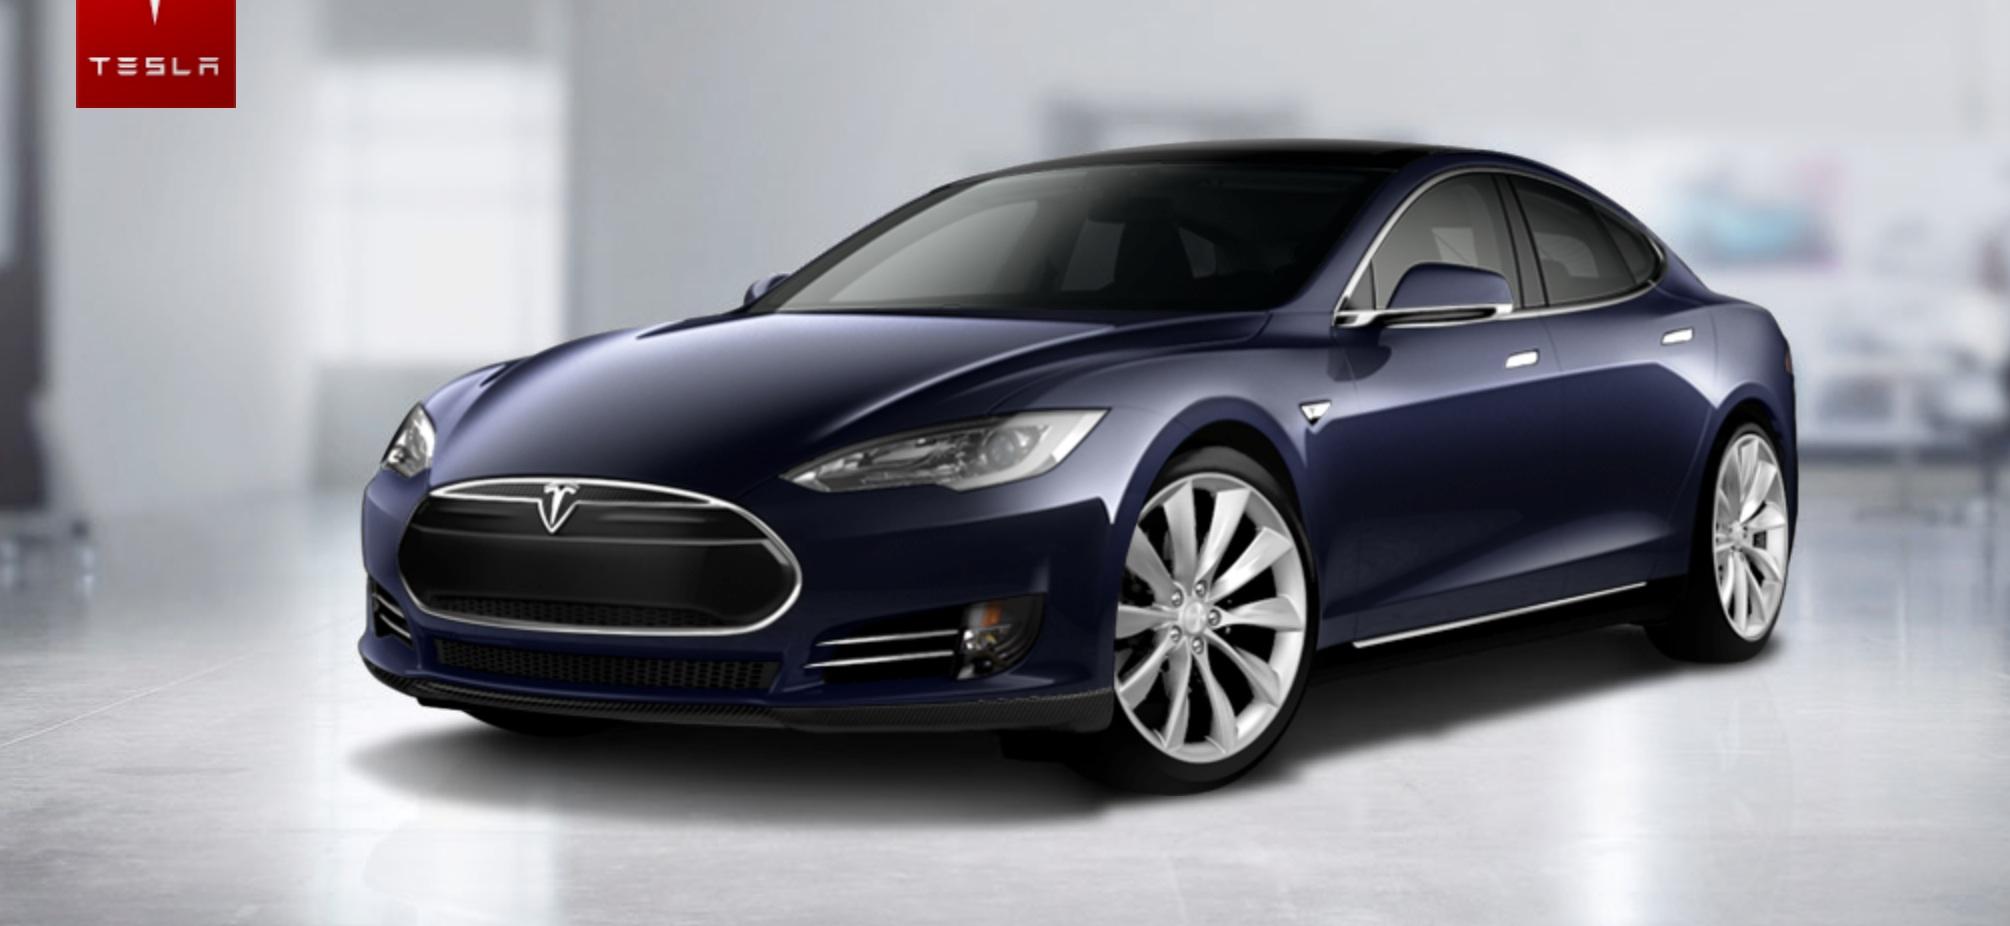 Tesla Motors Nikola Tesla 33 Car Hd Wallpaper Wallpaper 2010x926